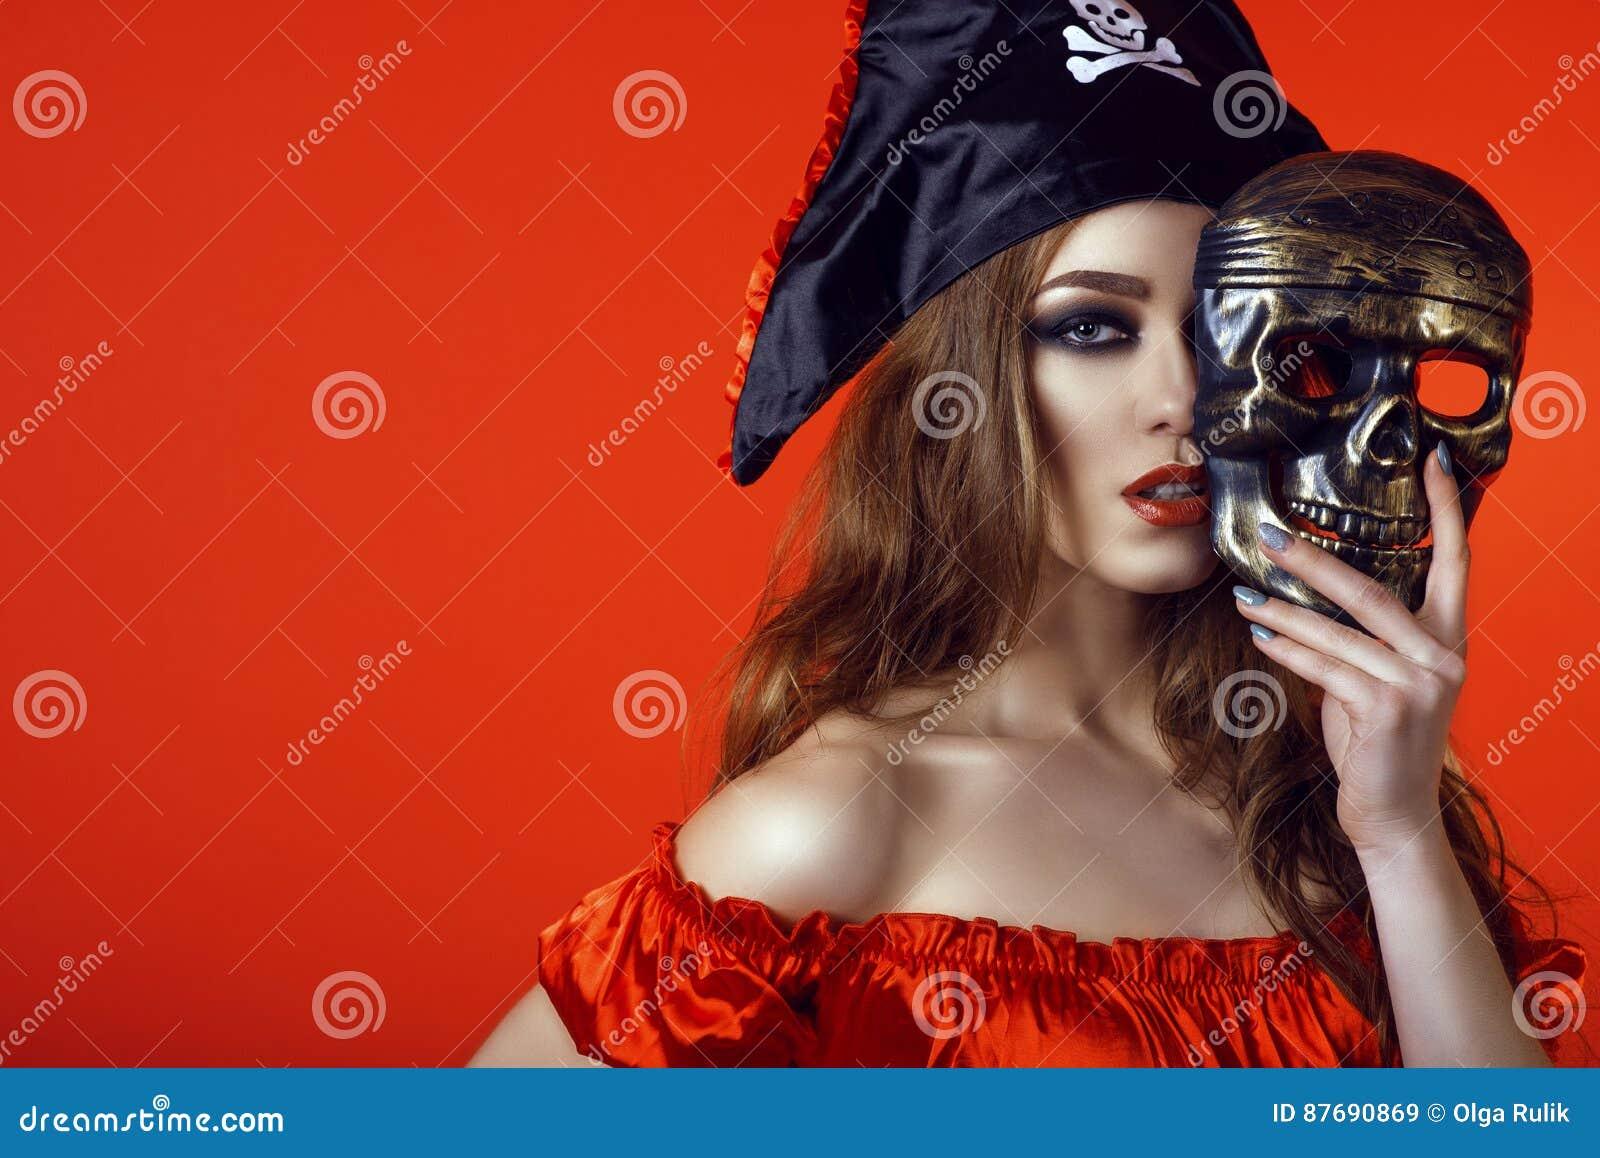 Ritratto della donna sexy splendida con trucco provocatorio in costume del pirata che nasconde la metà del suo fronte dietro la m